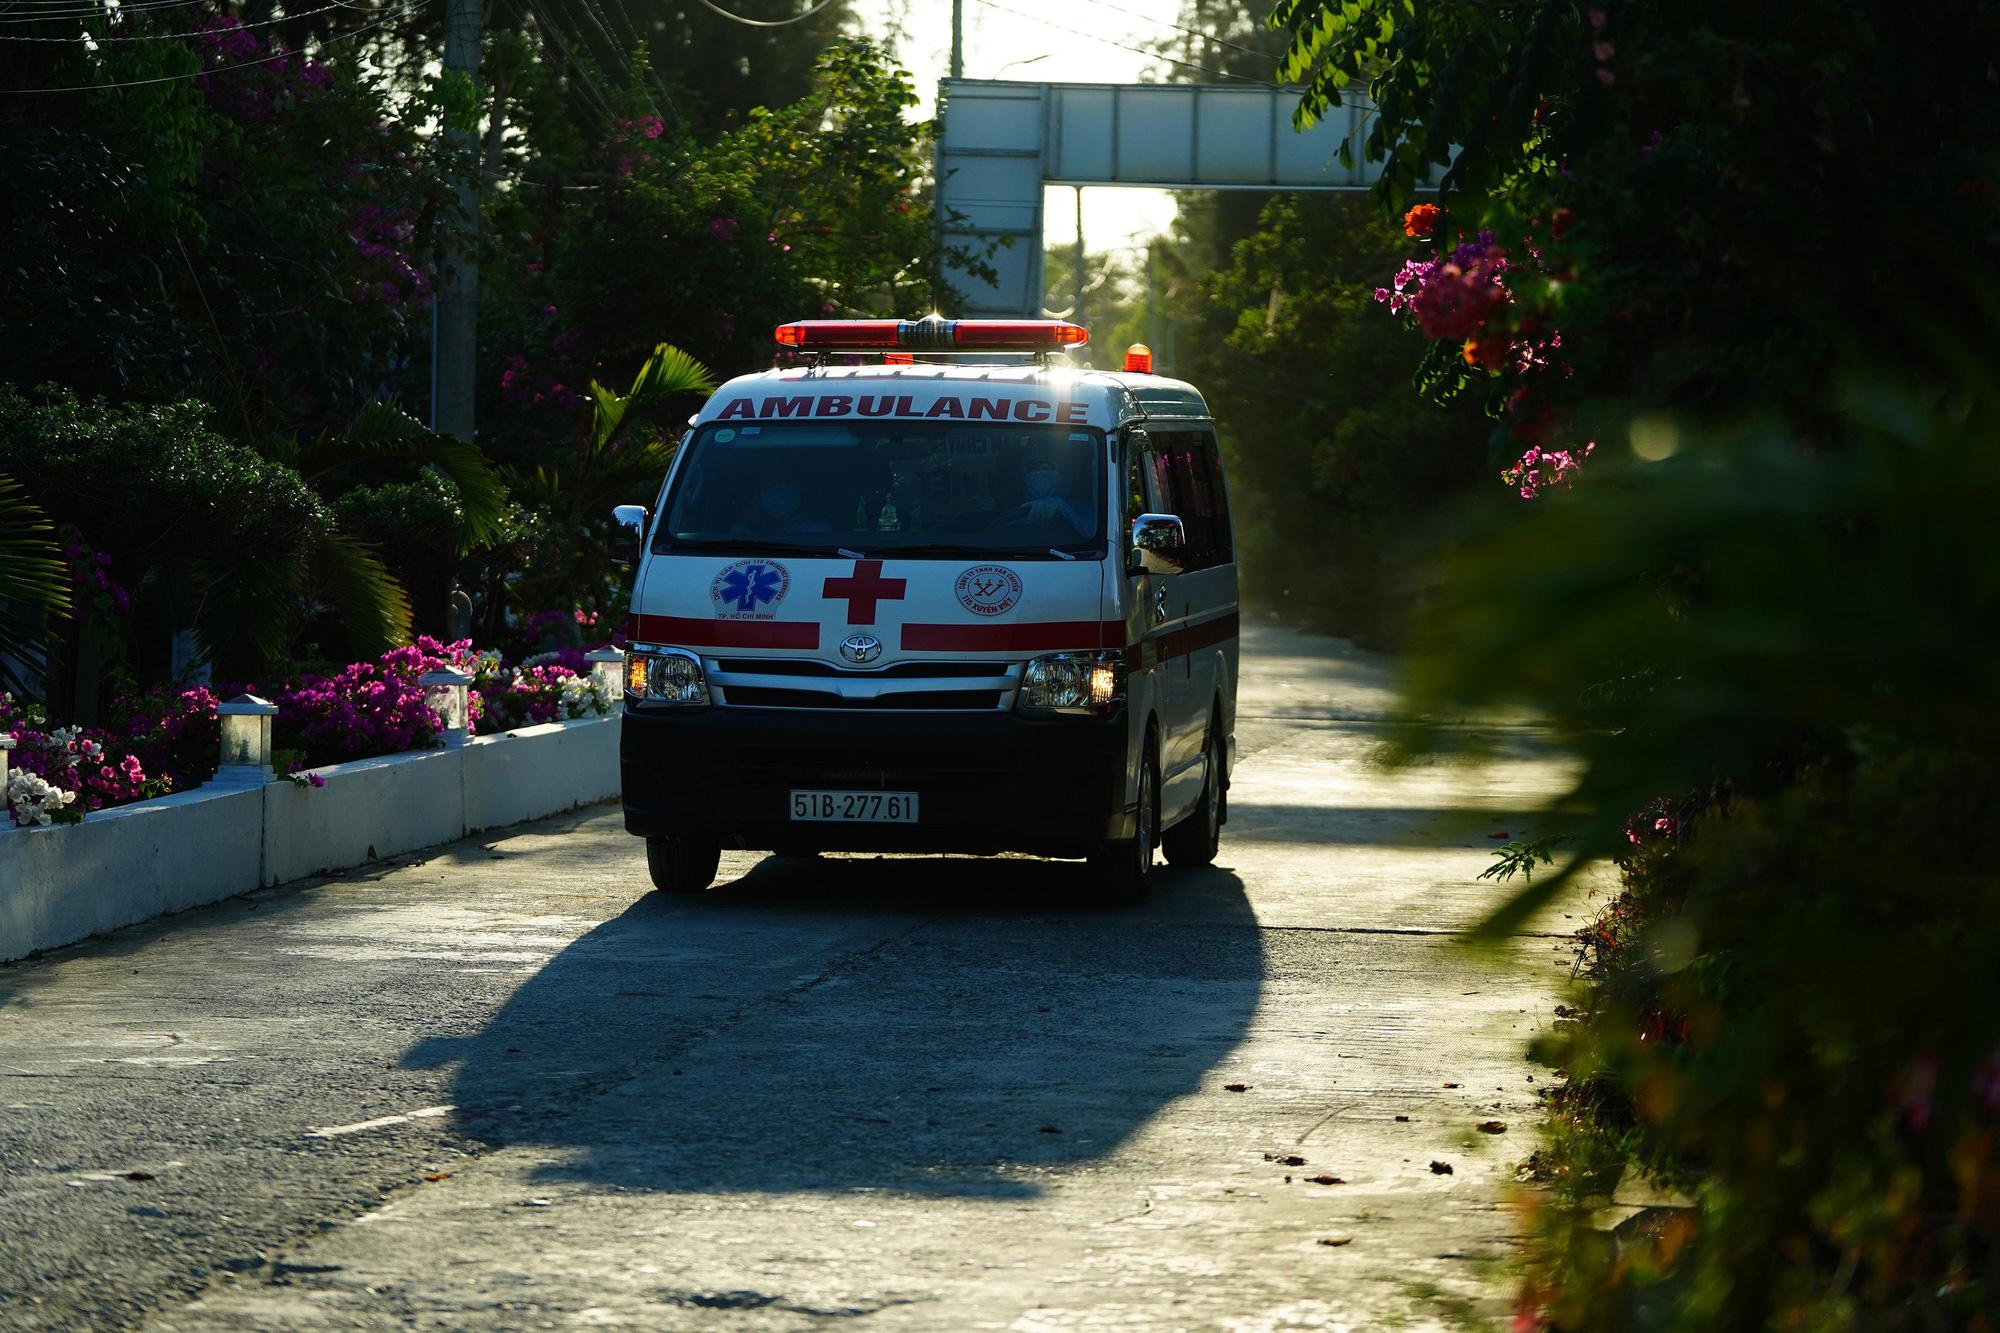 Nhiều người xin được cách li ở resort, khách sạn cao cấp - Ảnh 2.